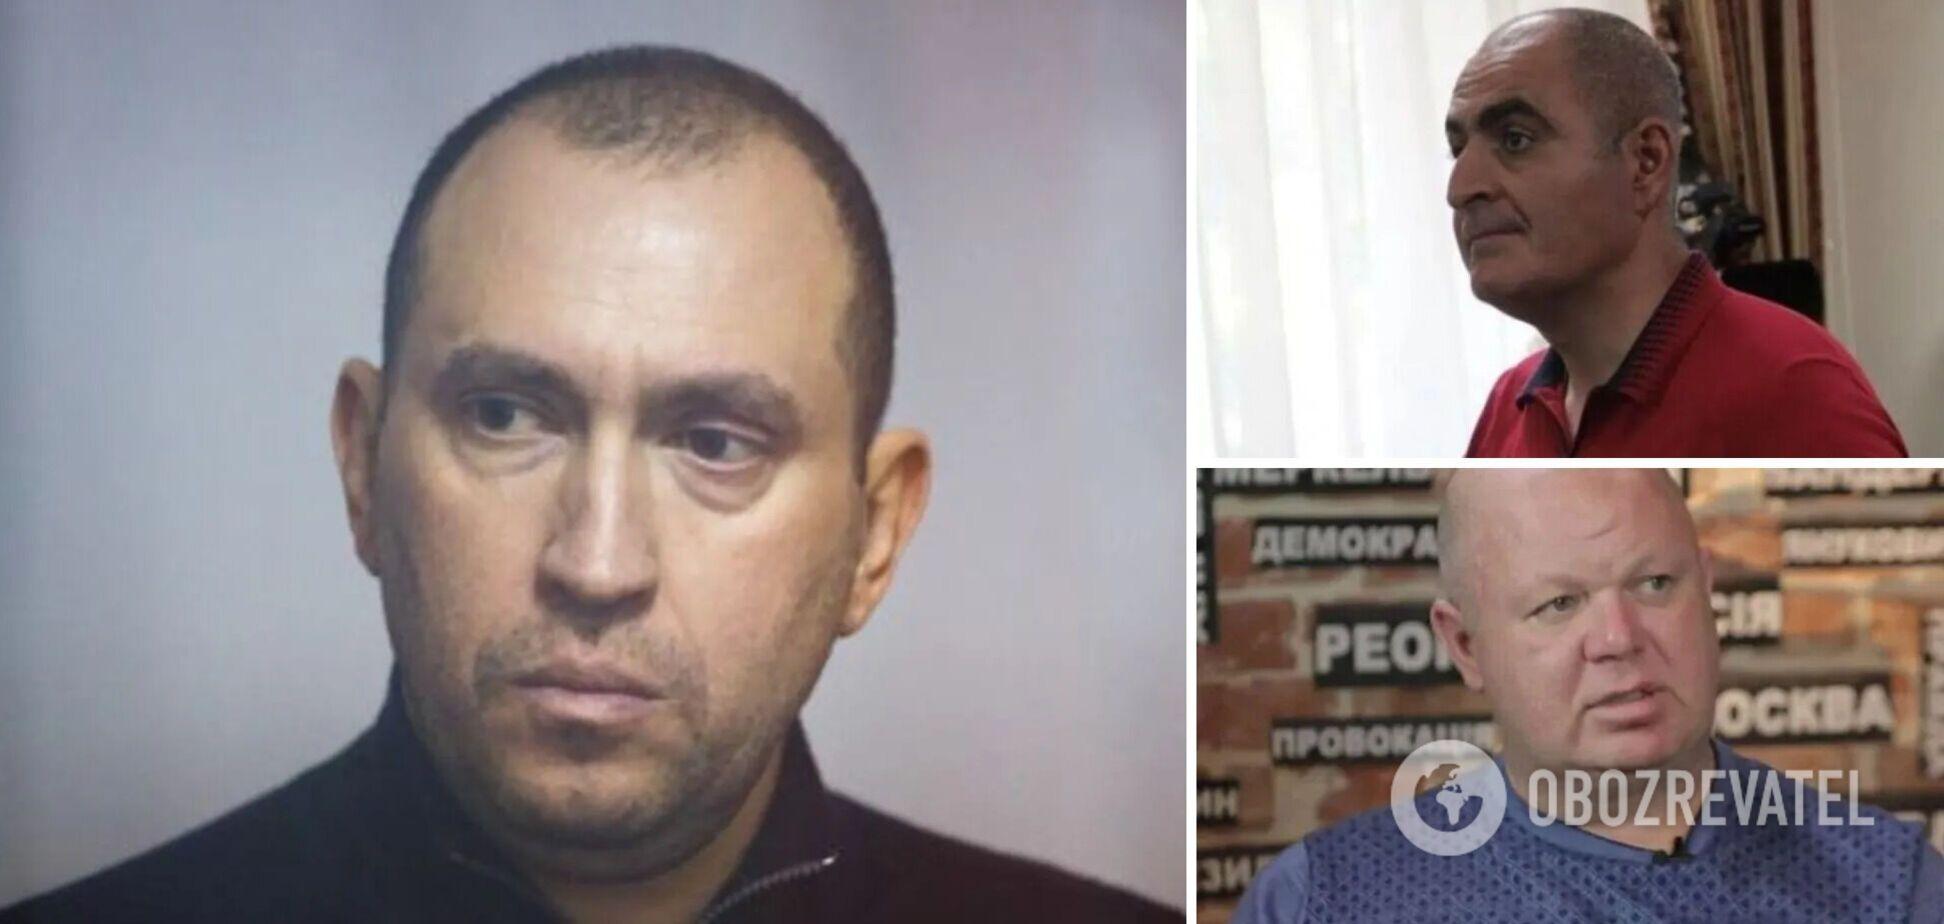 Альперин, Амирханян и Еримичук лишены гражданства Украины